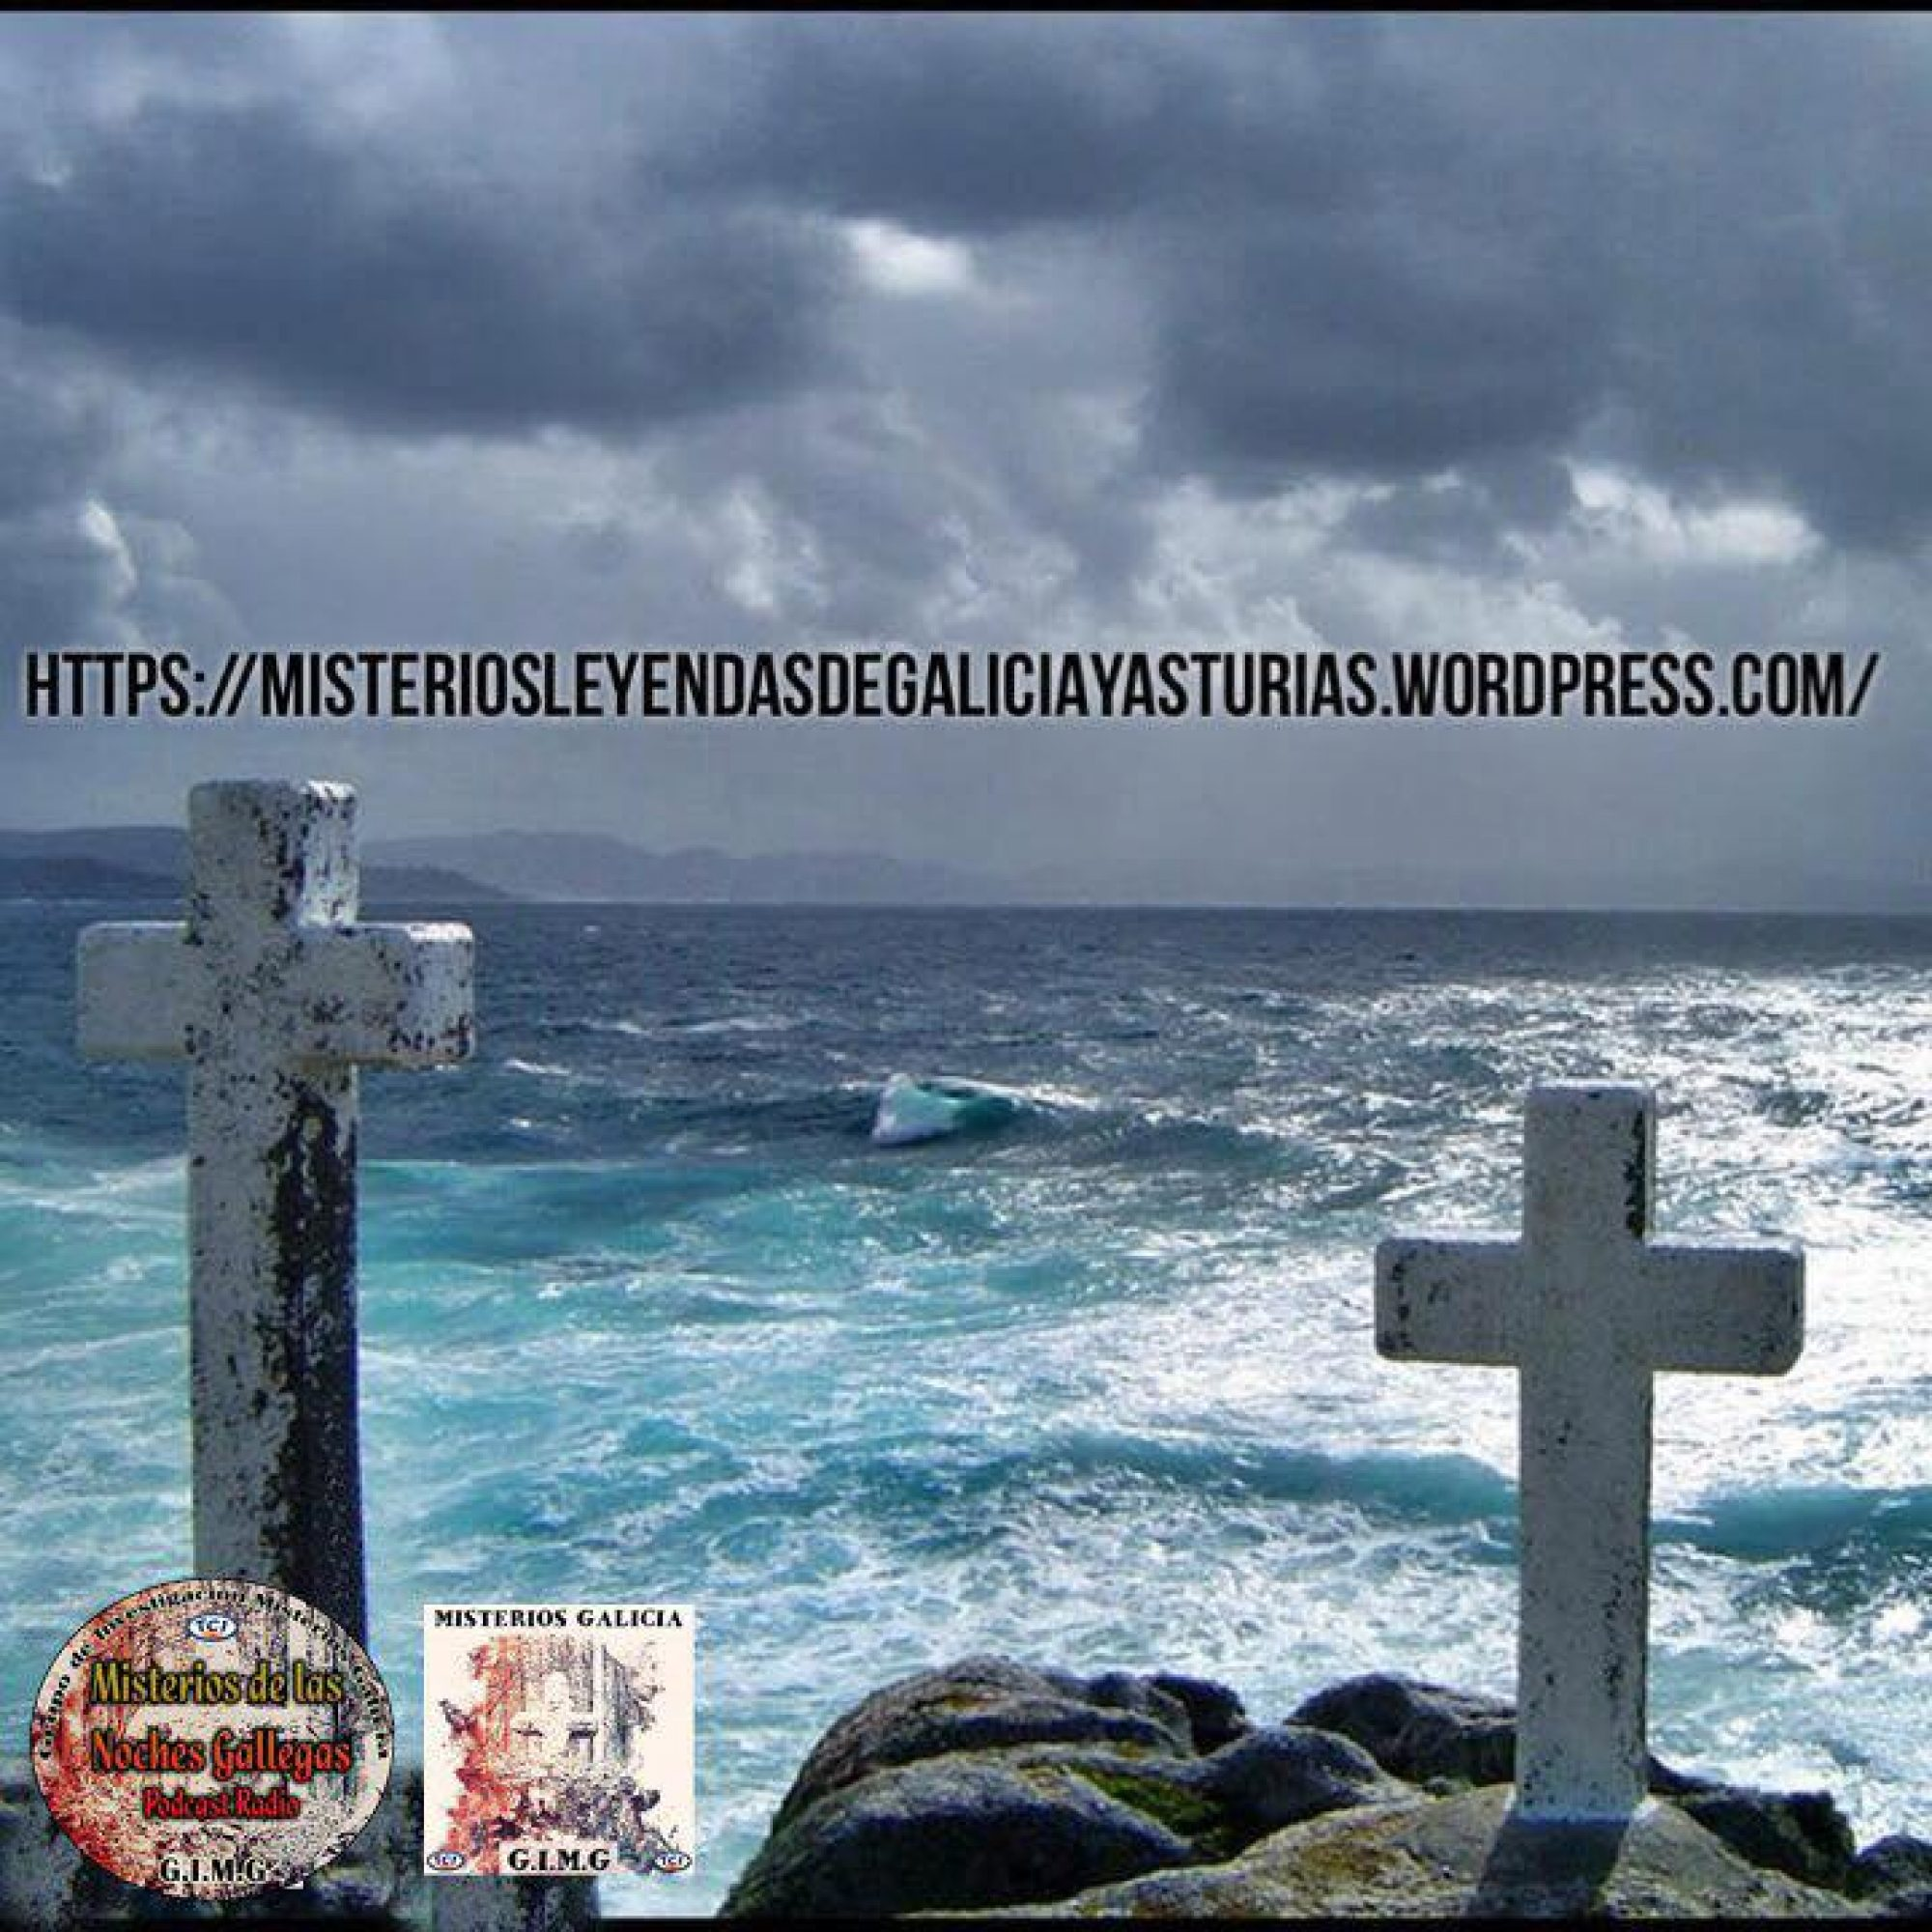 MISTERIOS Y LEYENDAS DE GALICIA Y ASTURIAS